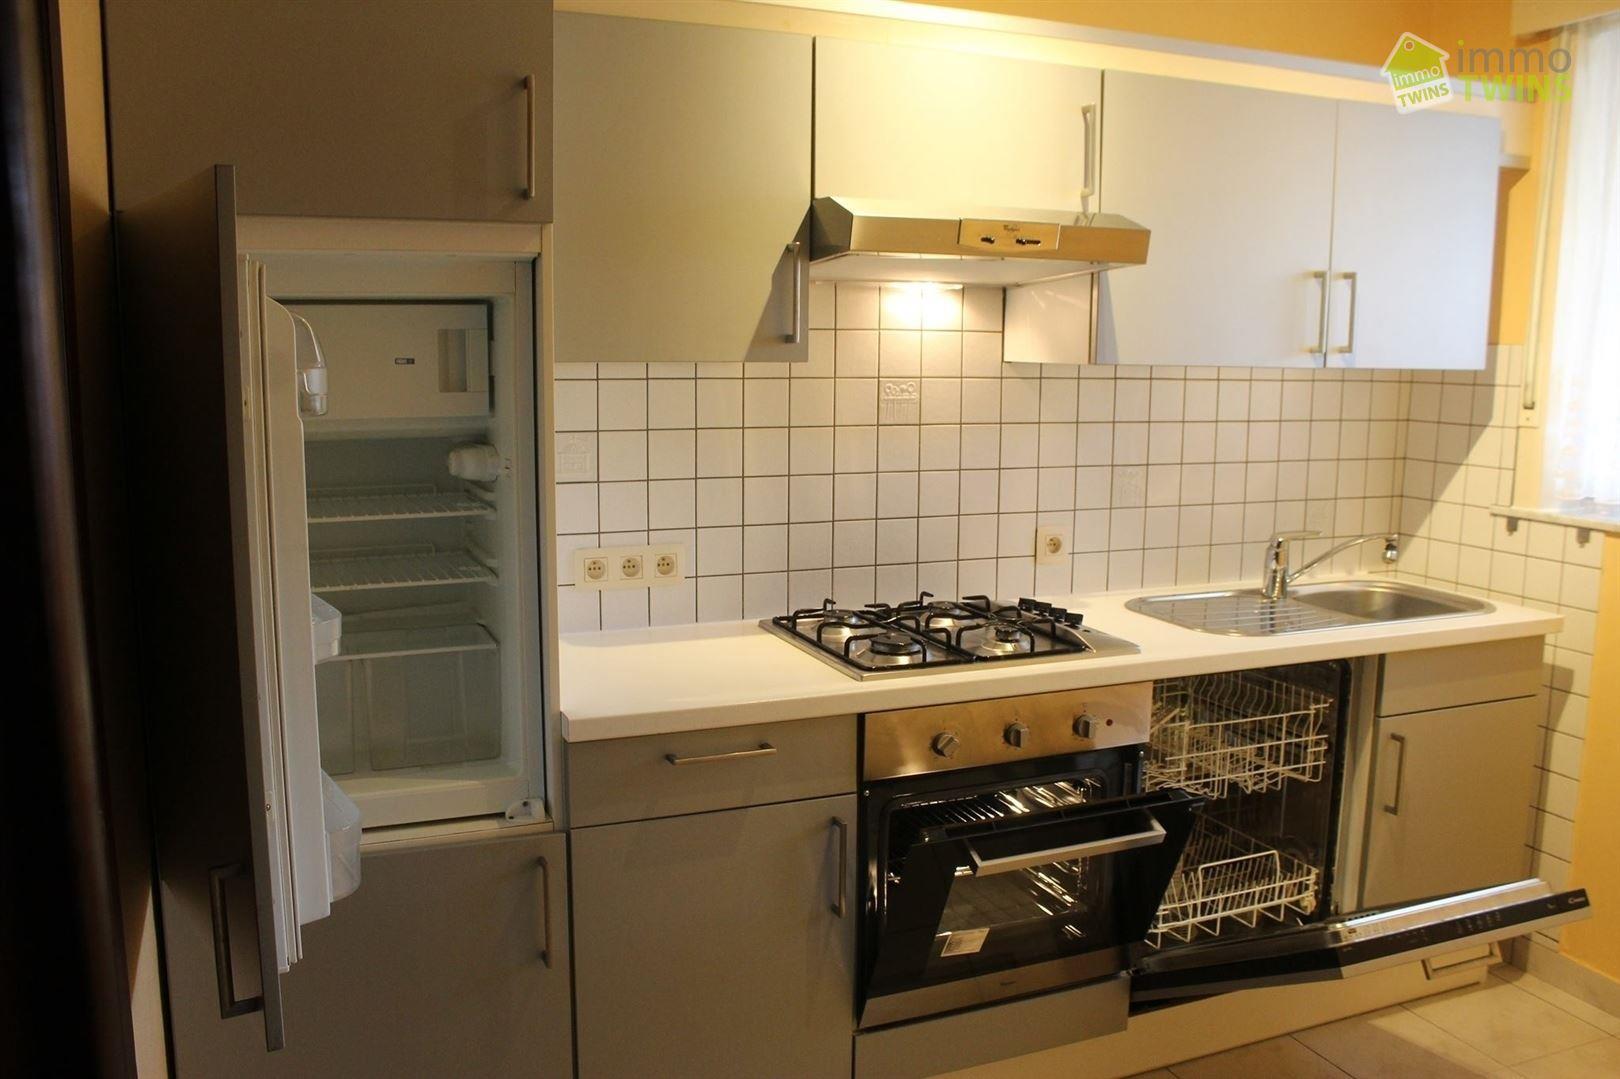 Foto 9 : Woning te 9200 Baasrode (België) - Prijs € 685